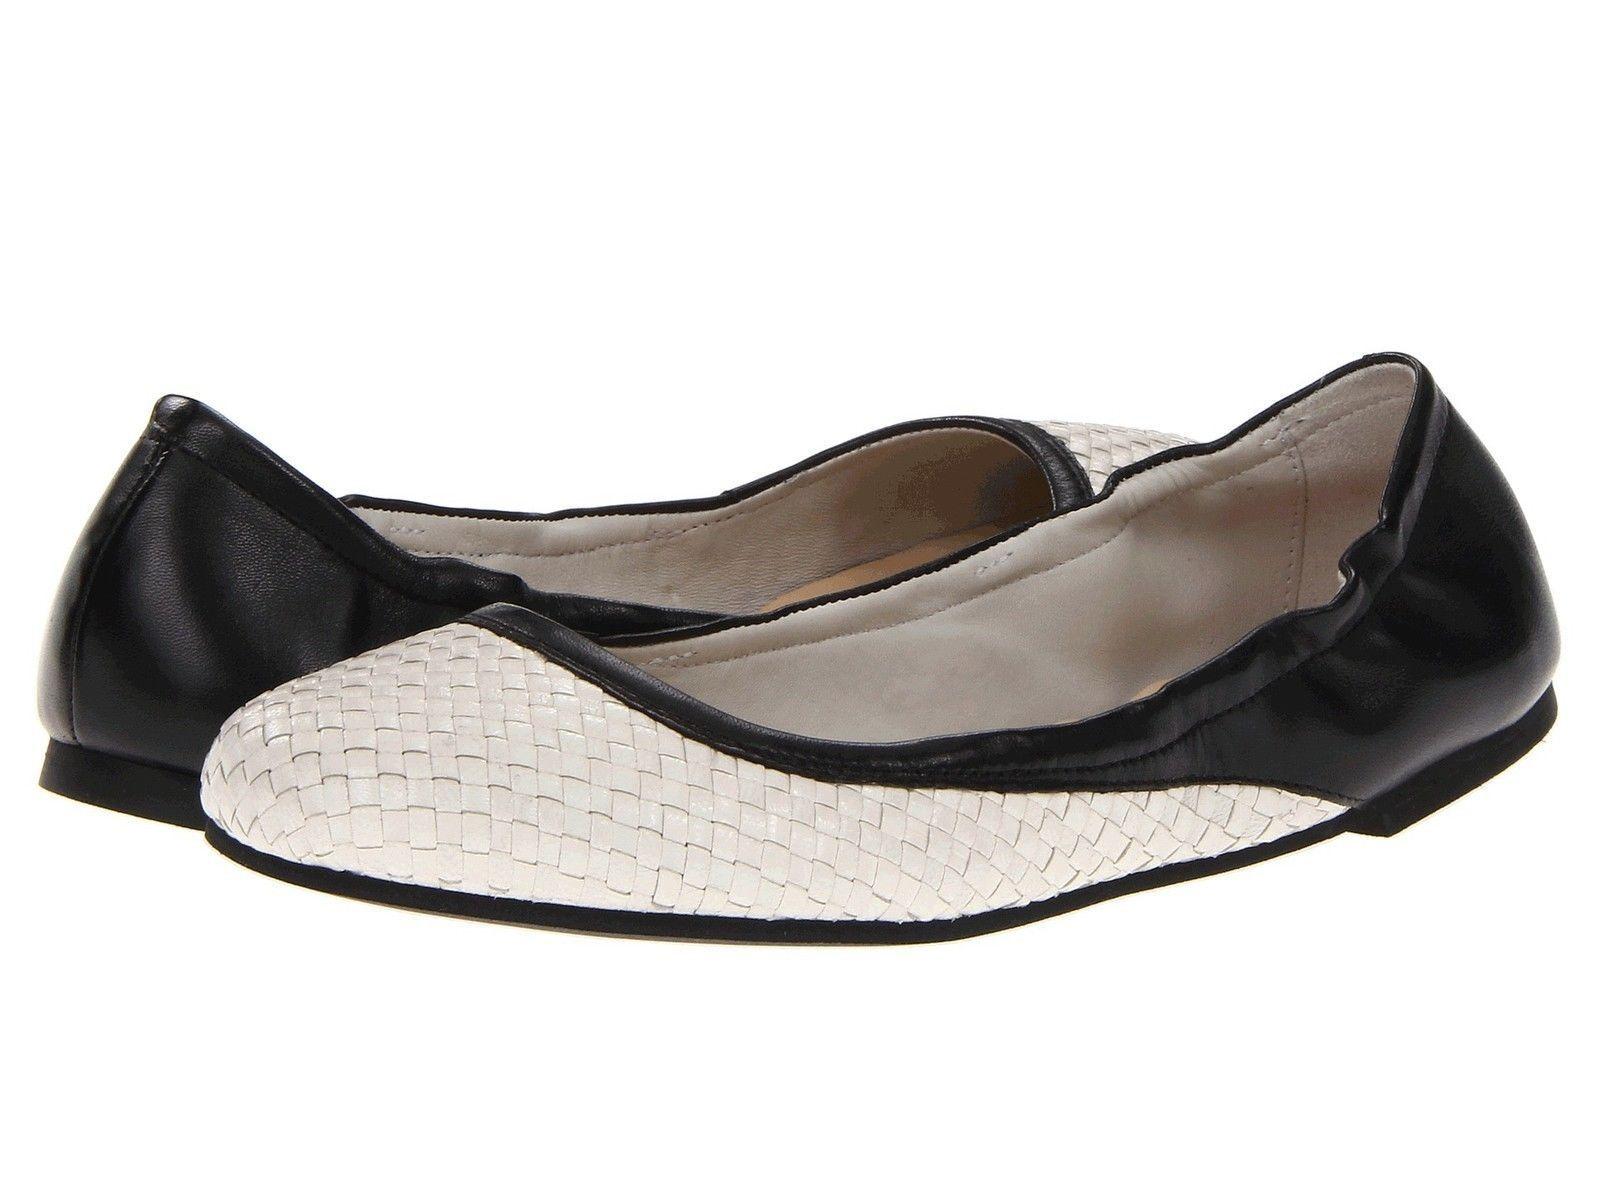 prezzi bassi di tutti i giorni  178 178 178 Cole Haan Irwin Ballet scarpe donna 8 Pavement nero NEW IN BOX  produttori fornitura diretta